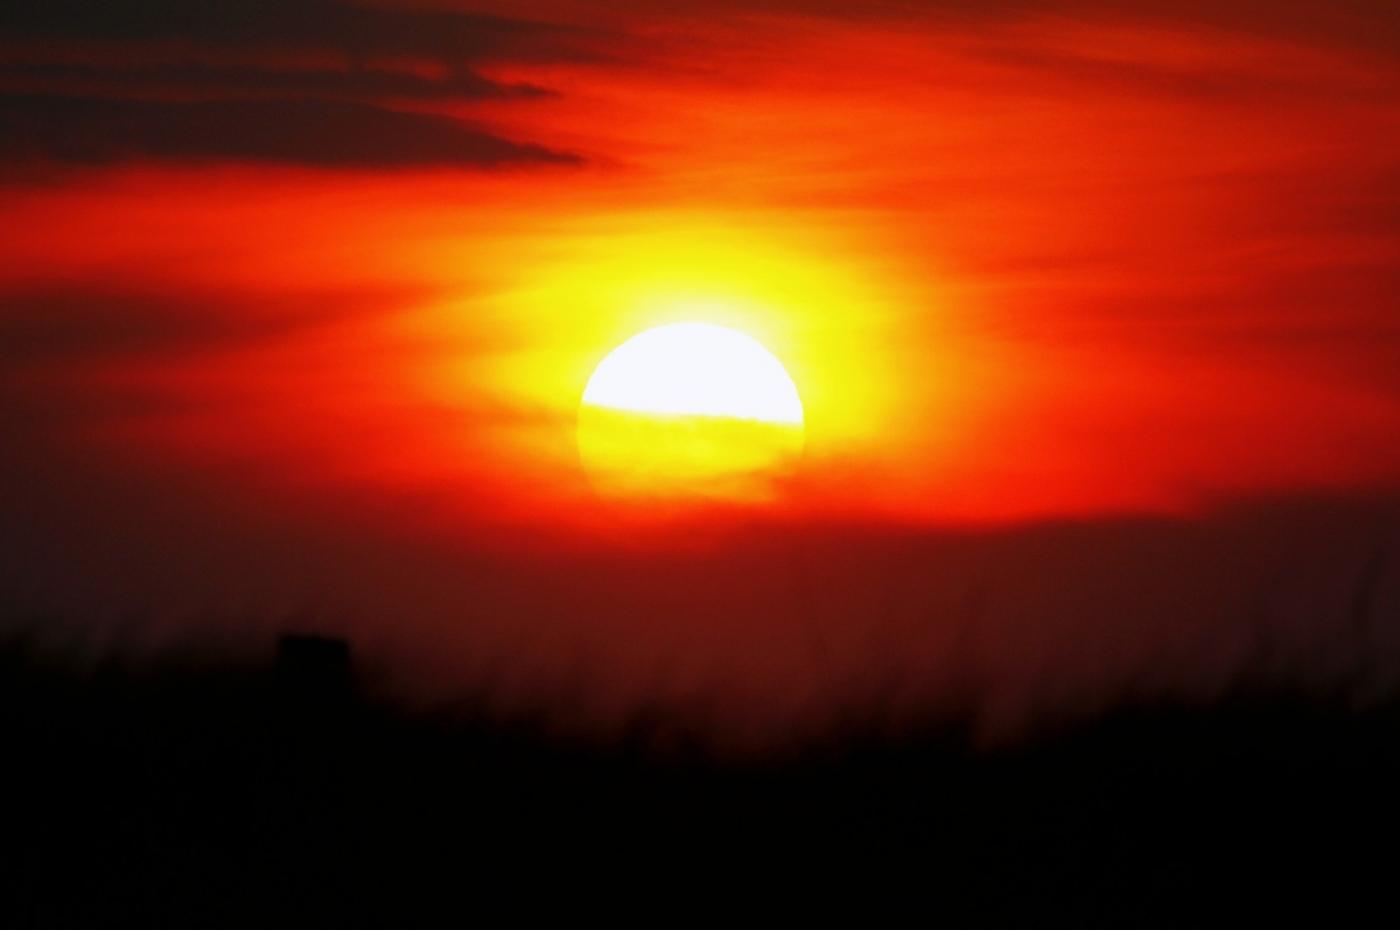 【田螺摄影】写长沙滩的日出日落_图1-13